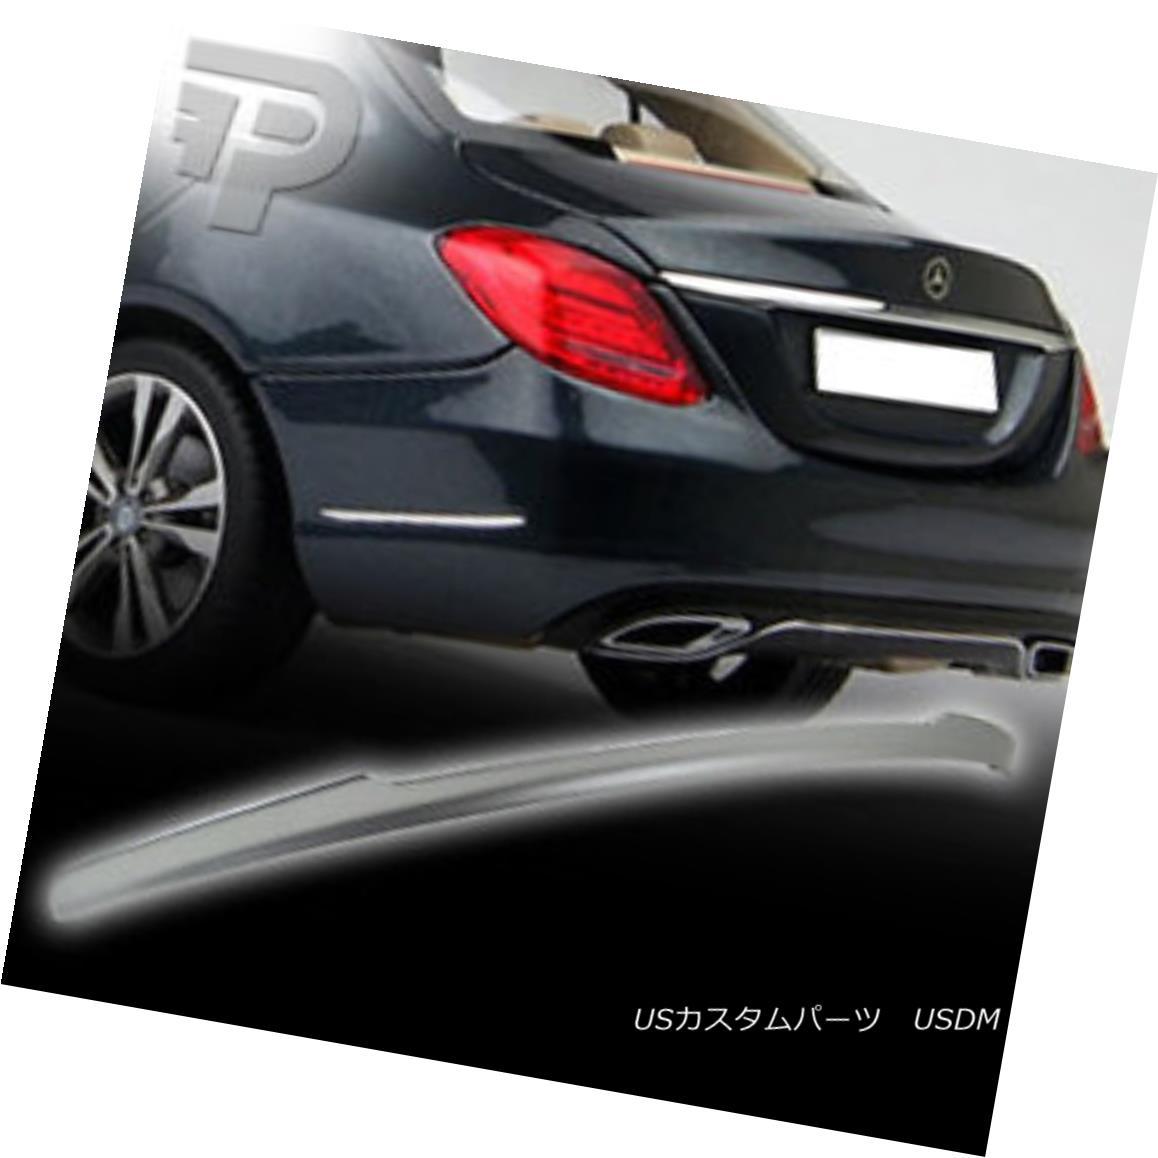 エアロパーツ Painted Mercedes BENZ C-CLASS W205 V REAR TRUNK SPOILER WING 4DR SEDAN▼ ペイントされたメルセデスベンツCクラスW205 Vリアトランクスポイラーウイング4DRセダン?